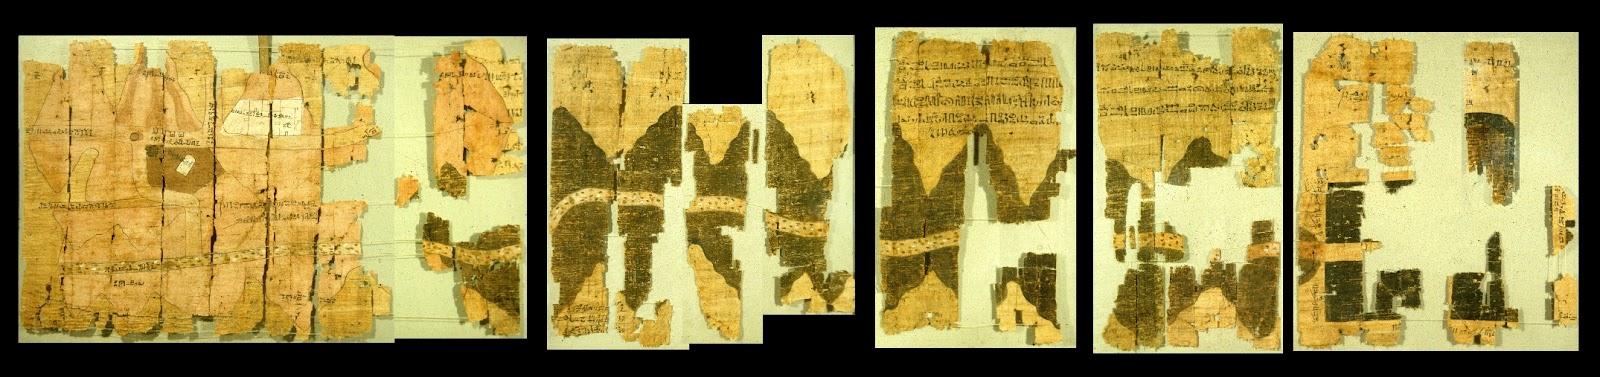 erotic papyrus Turin